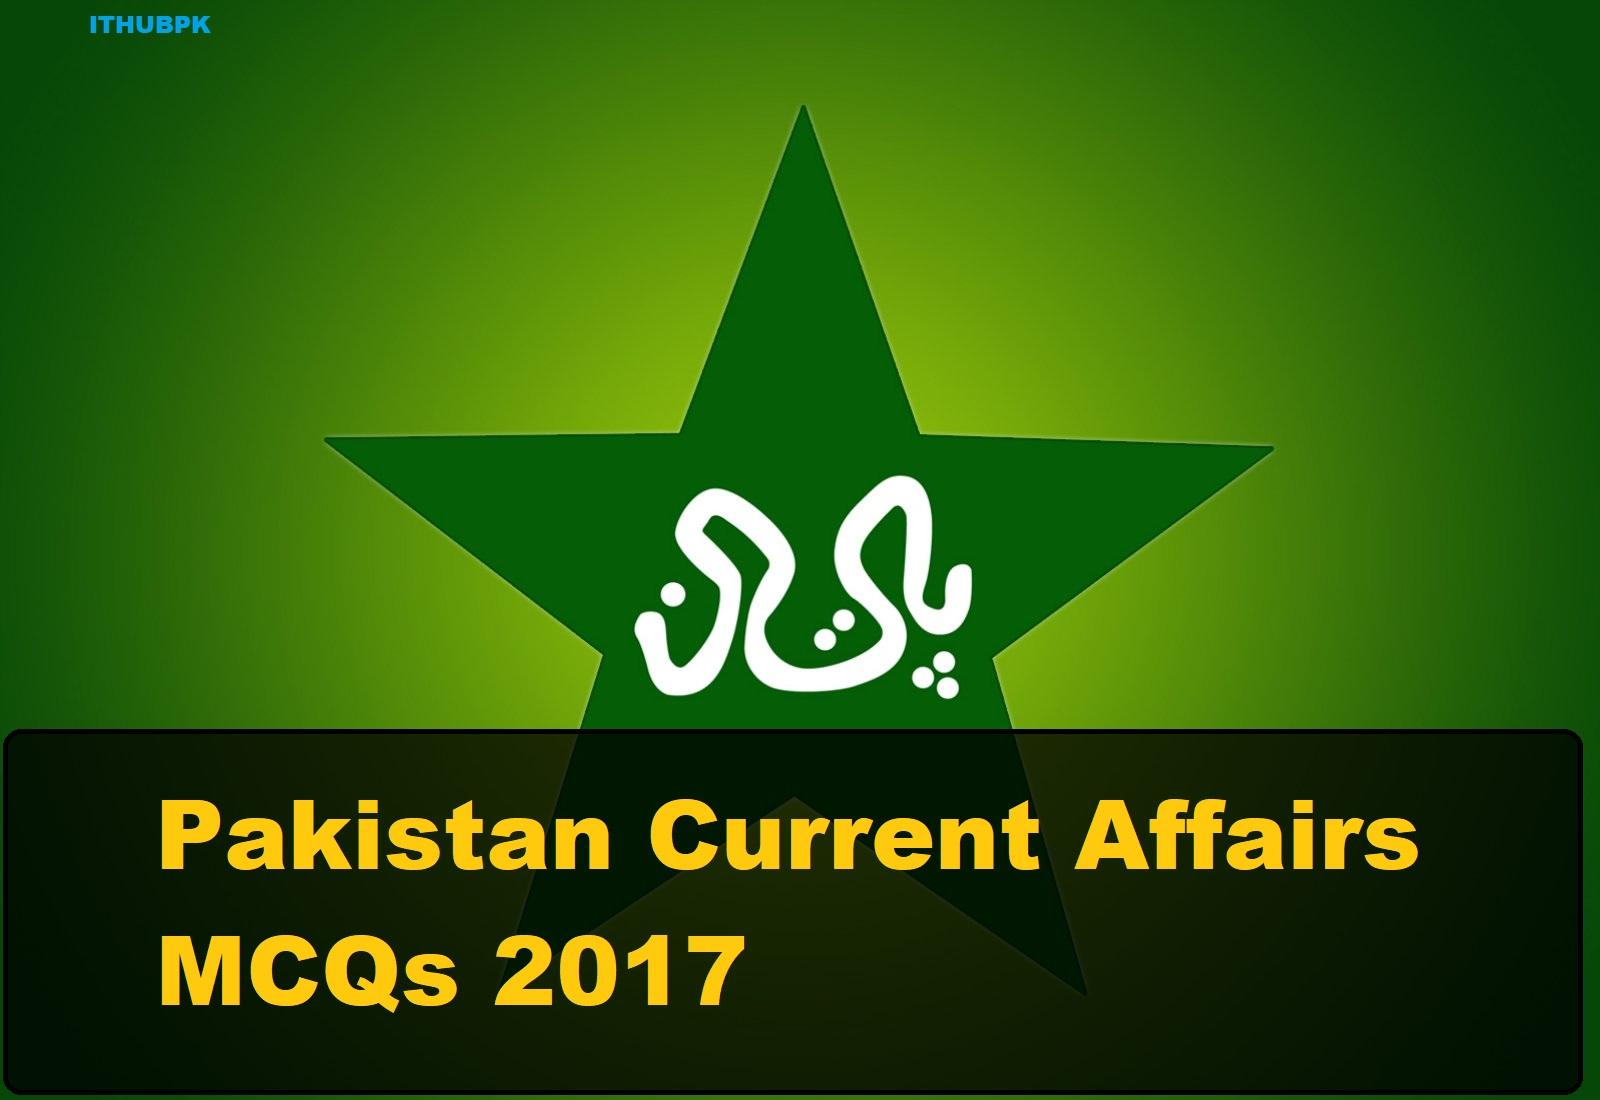 Pakistan Current Affairs MCQs 2017 (Part 2) - ITHUBPK